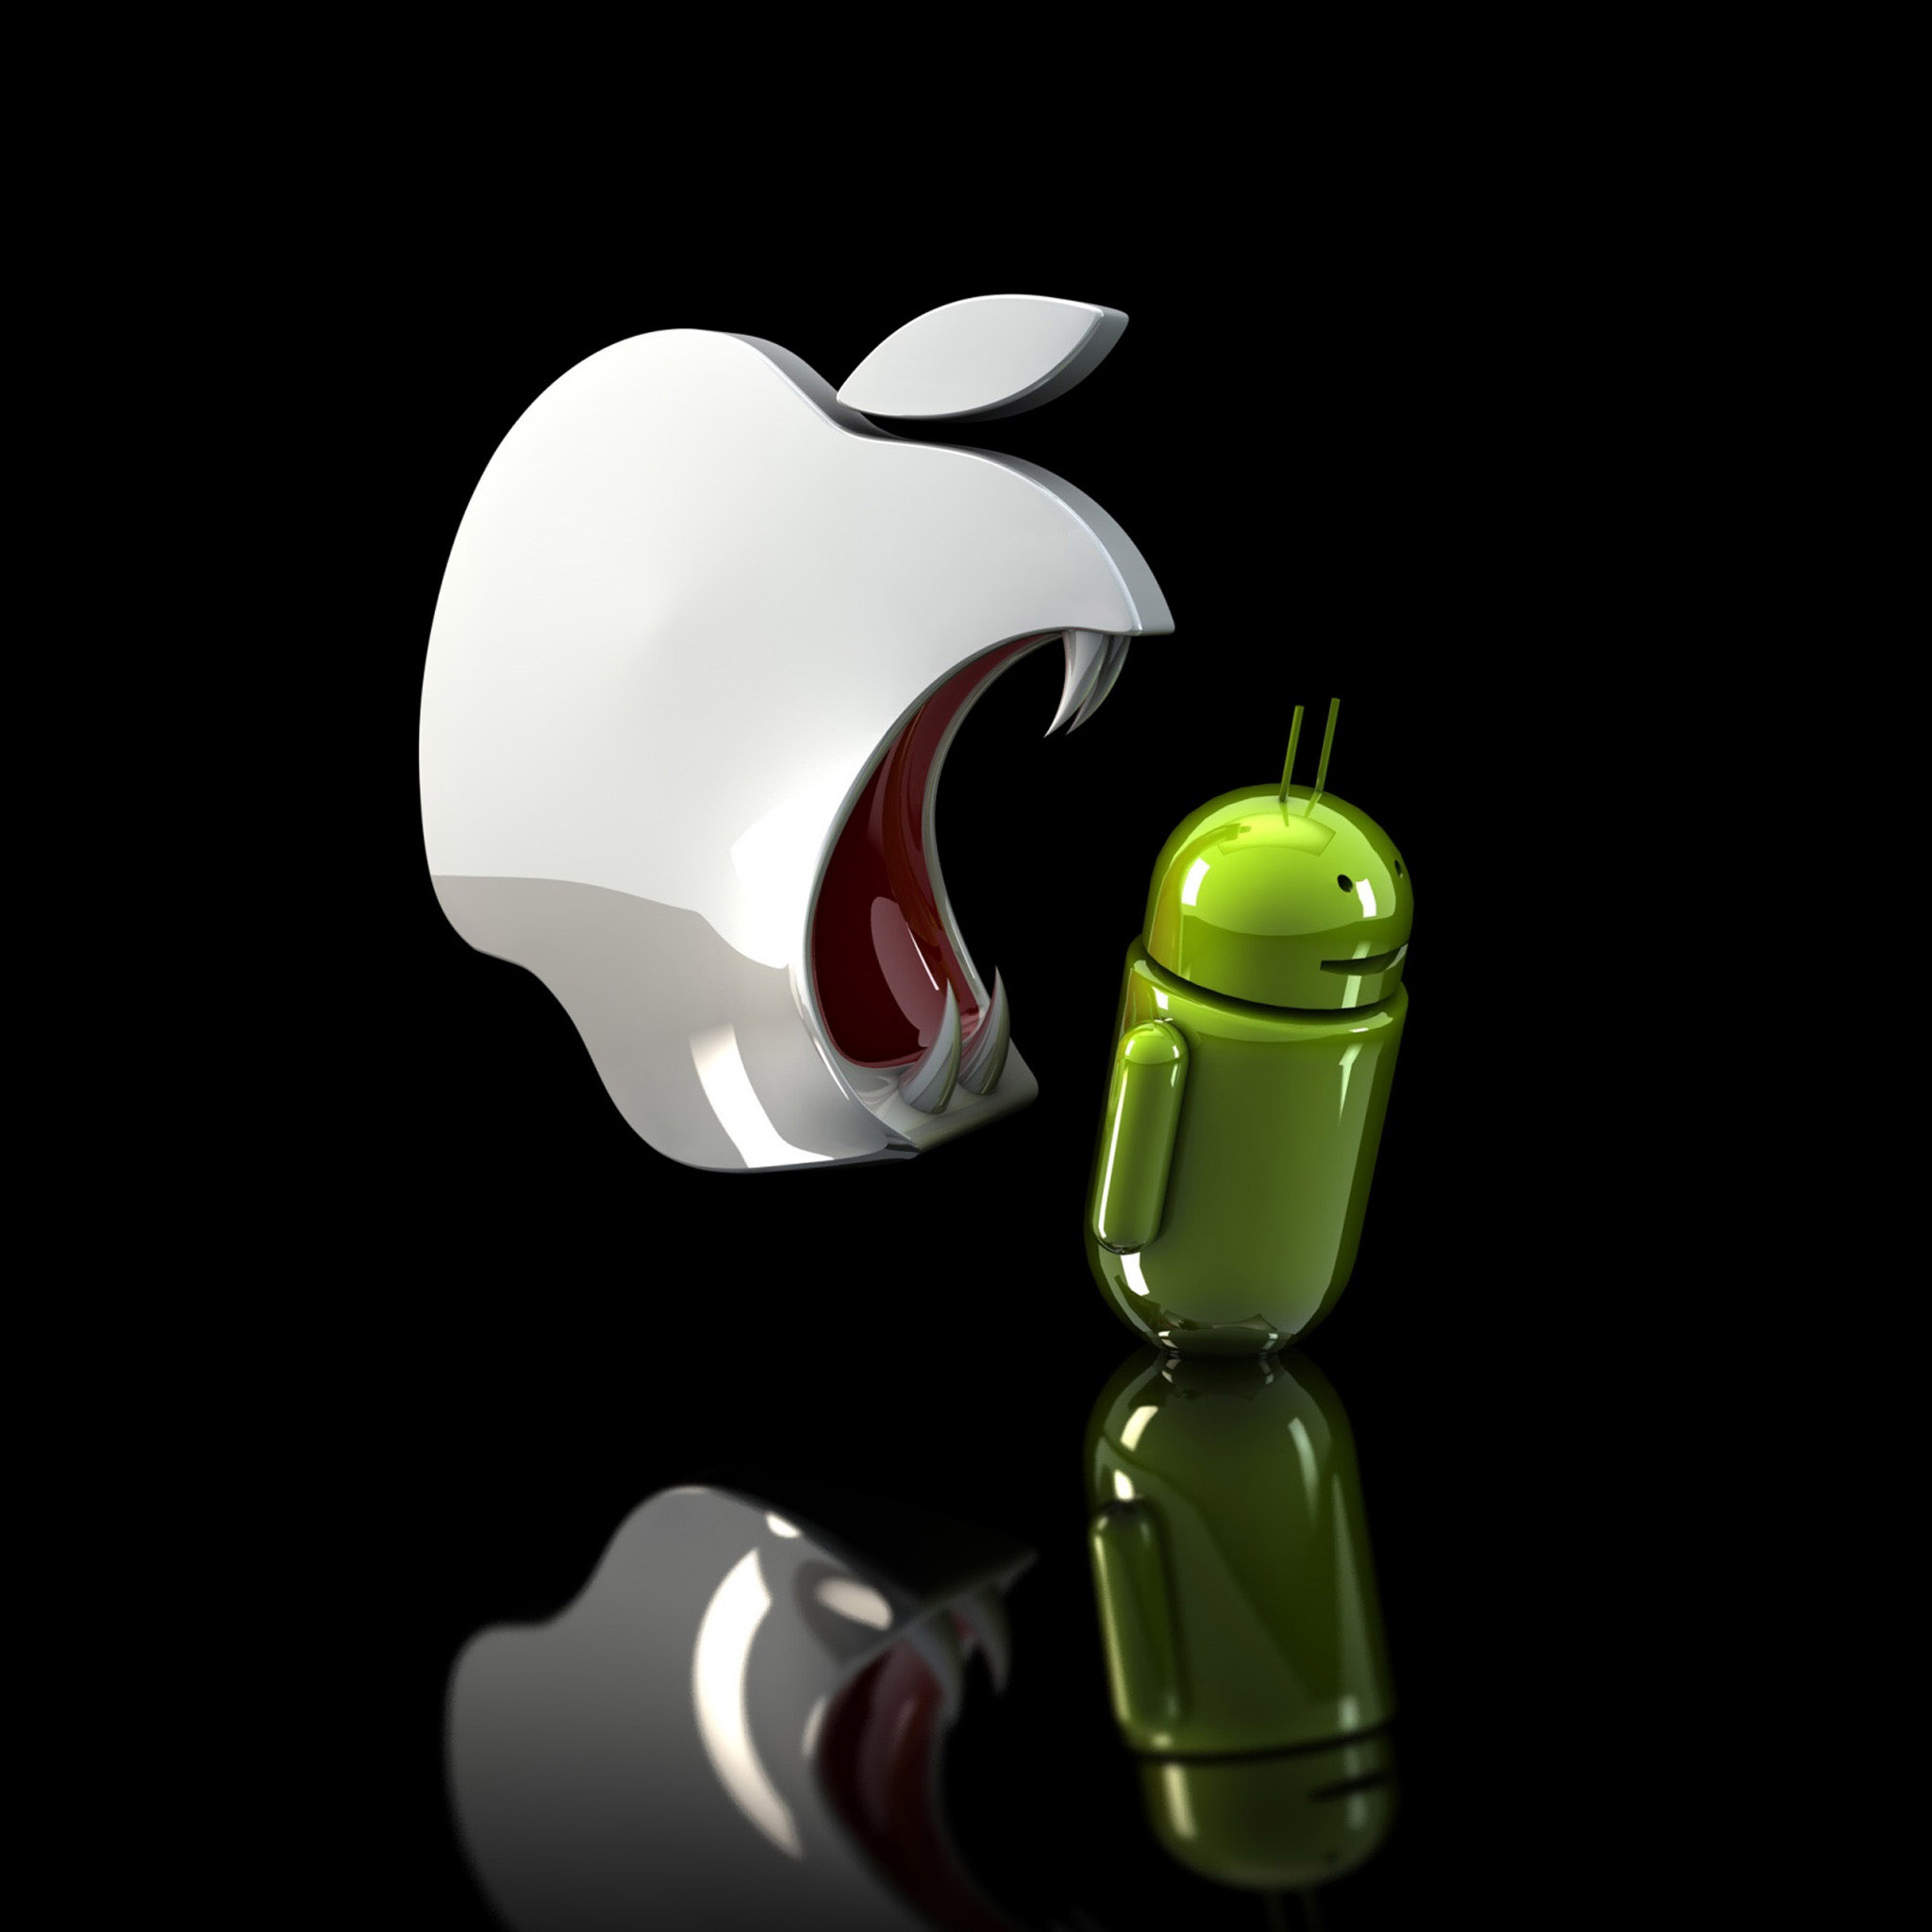 iPad Wallpapers HD apple logo 5   Apple iPad iPad 2 iPad mini 2048x2048